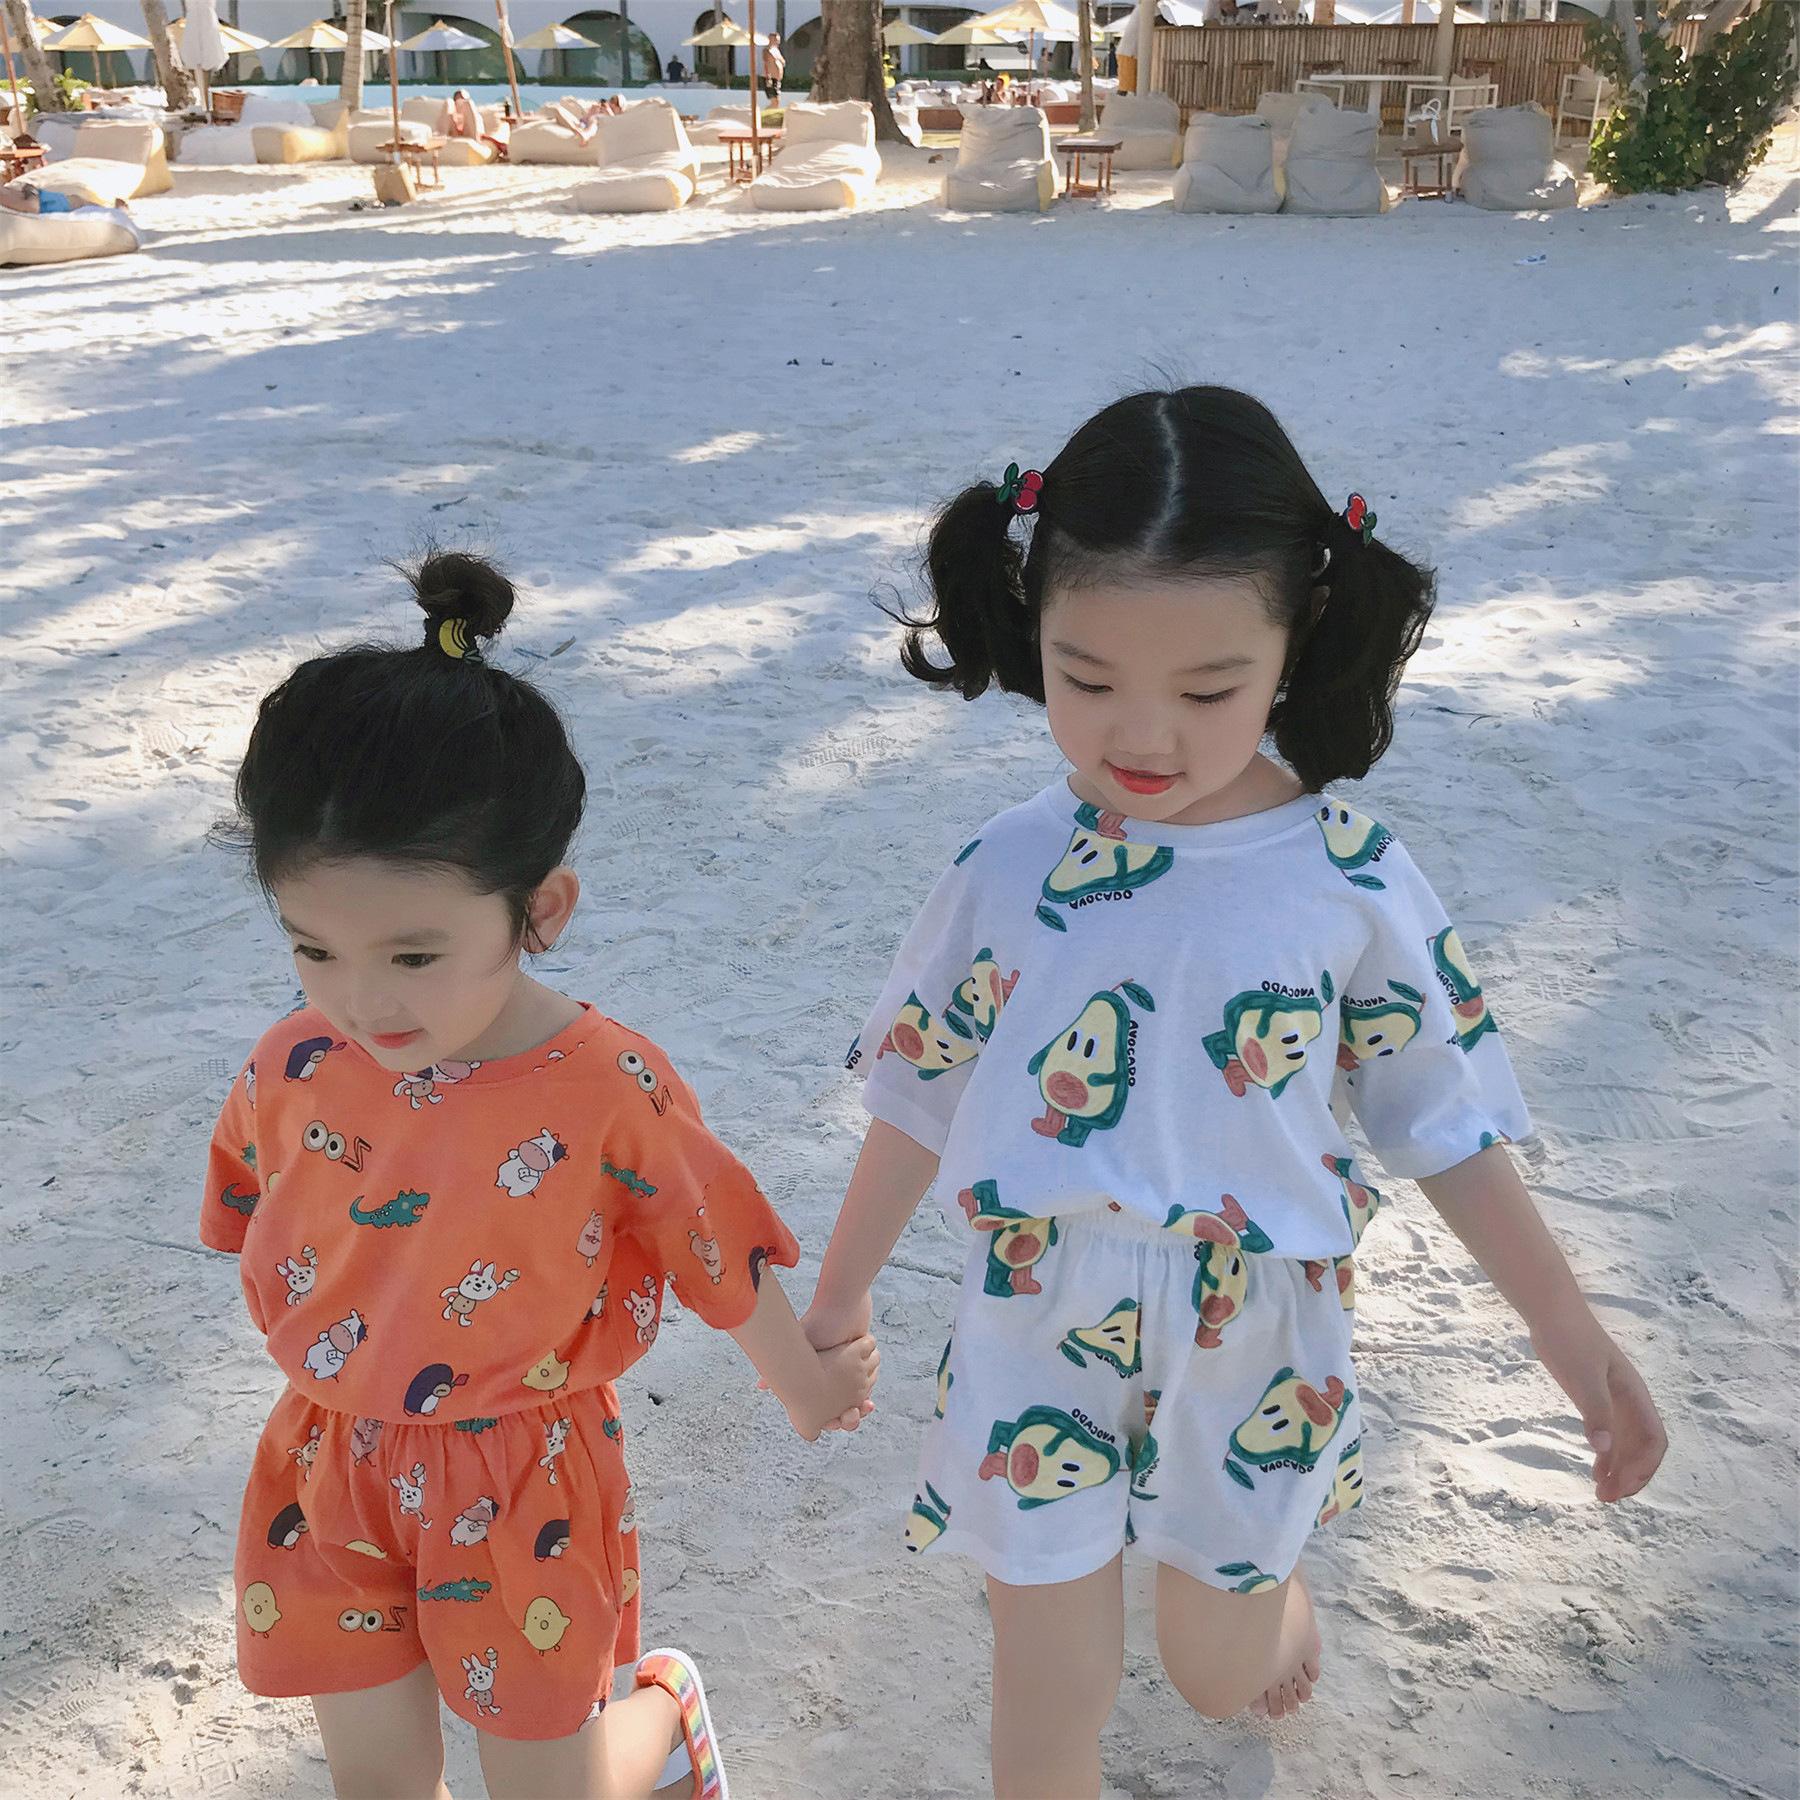 29.99包邮!女童短袖t恤套装纯棉洋气儿童两件套